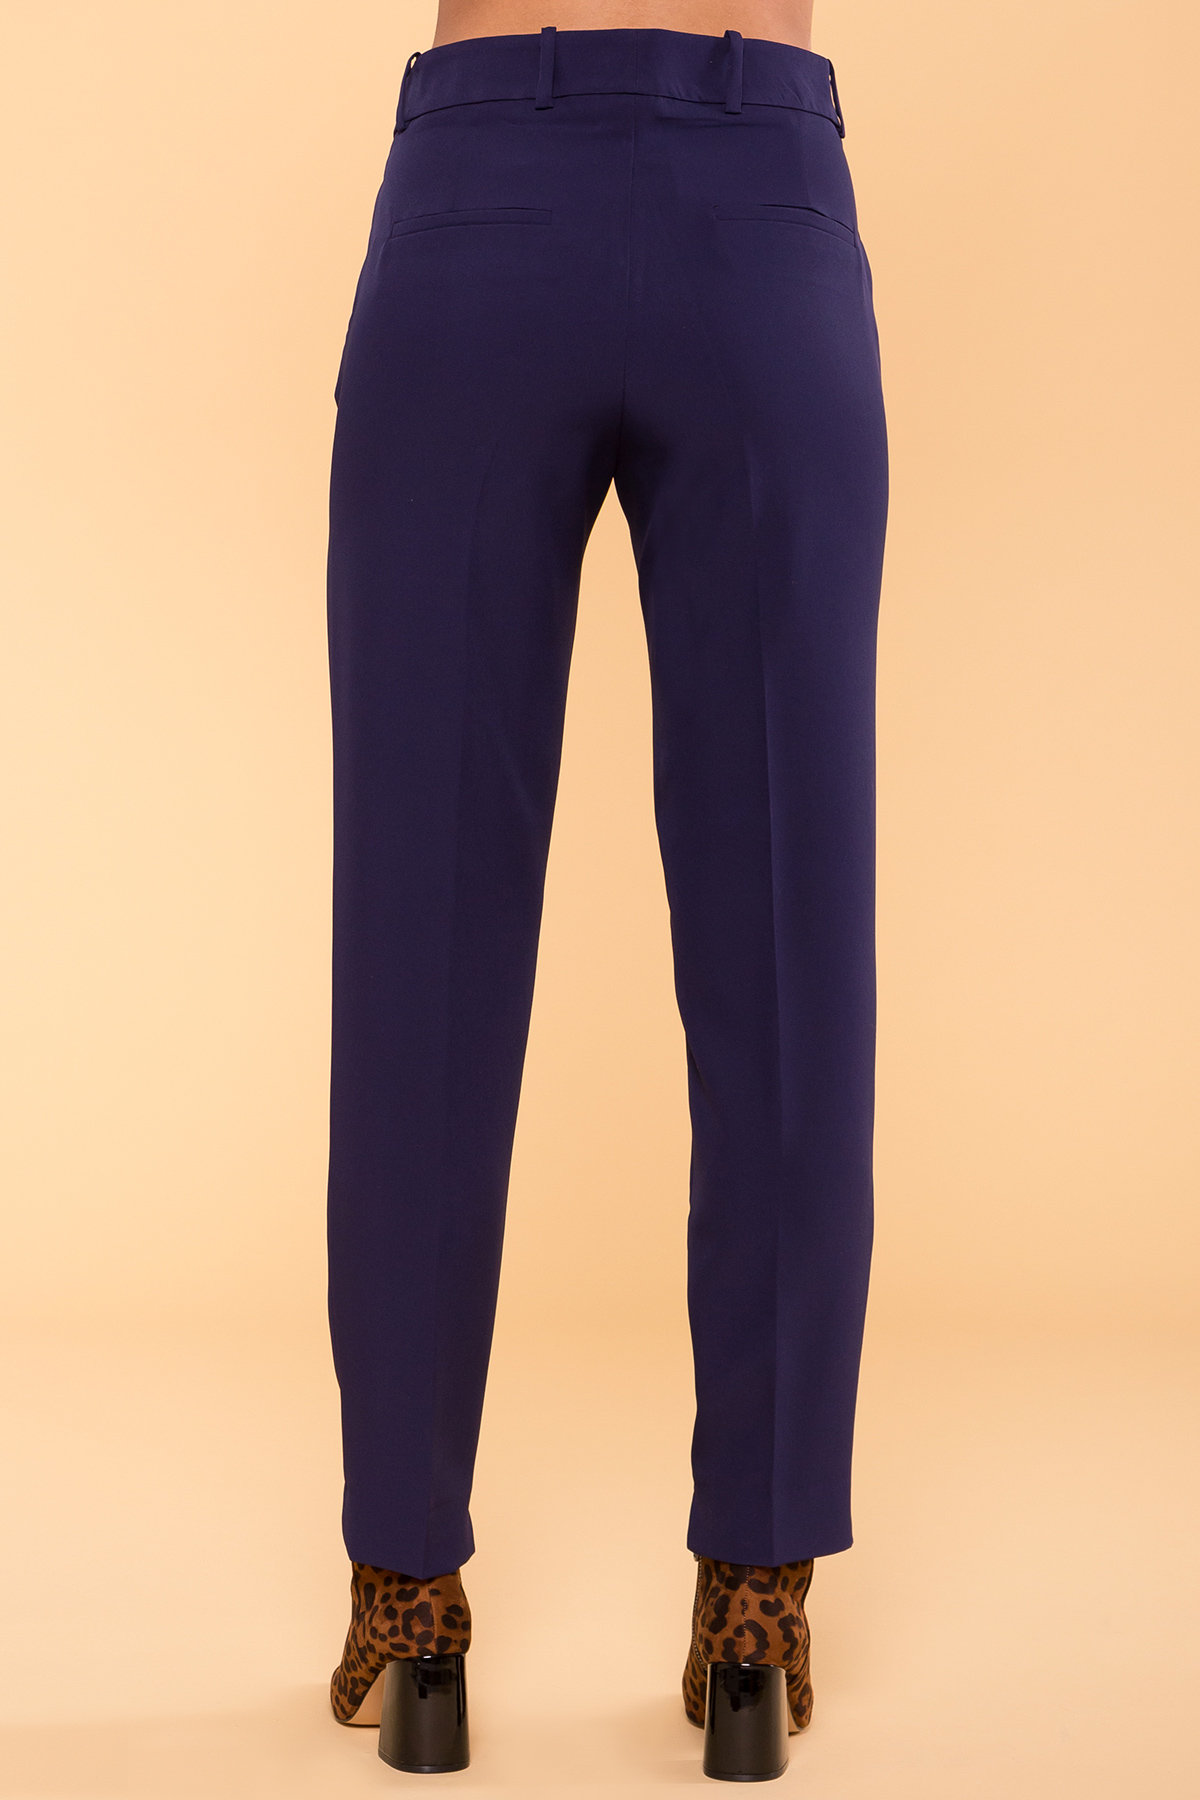 Базовые брюки со стрелками Эдвин 2467 АРТ. 15260 Цвет: Тёмно-синий - фото 8, интернет магазин tm-modus.ru